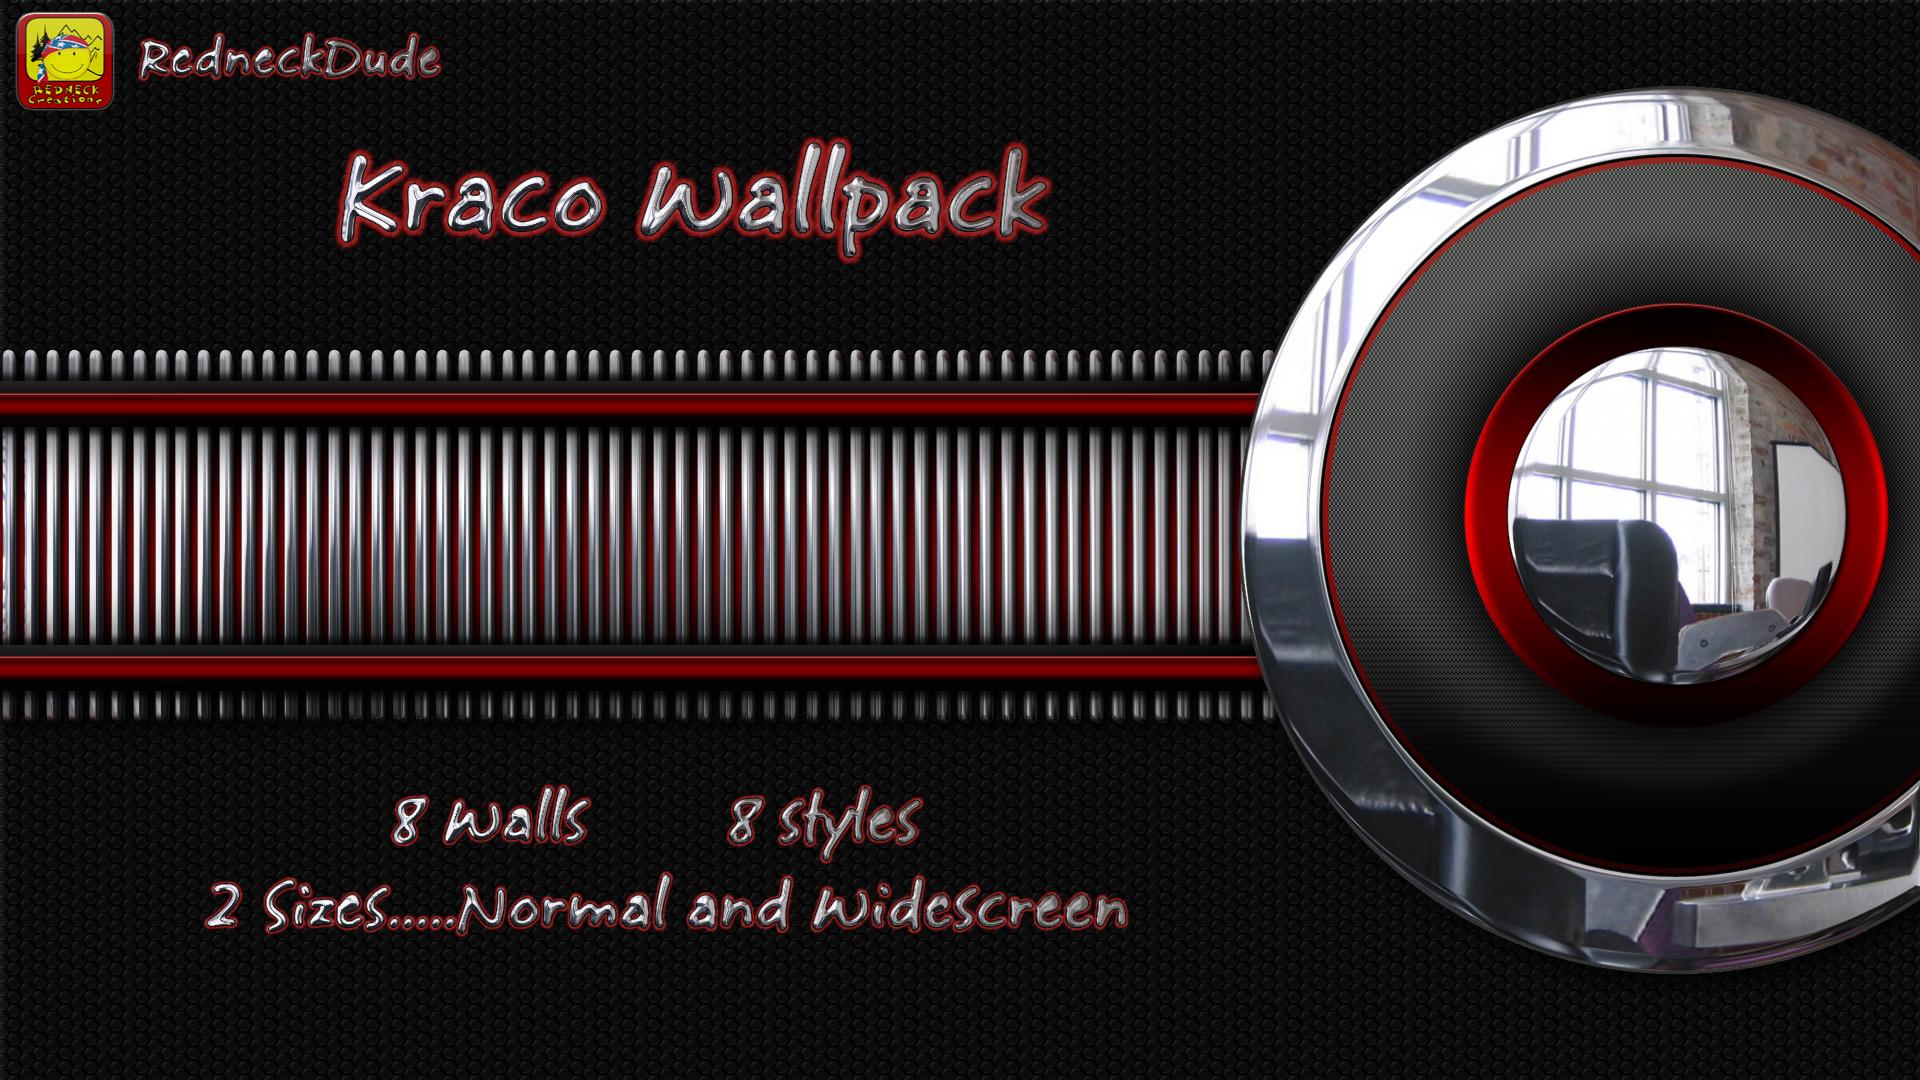 Kraco Wallpack